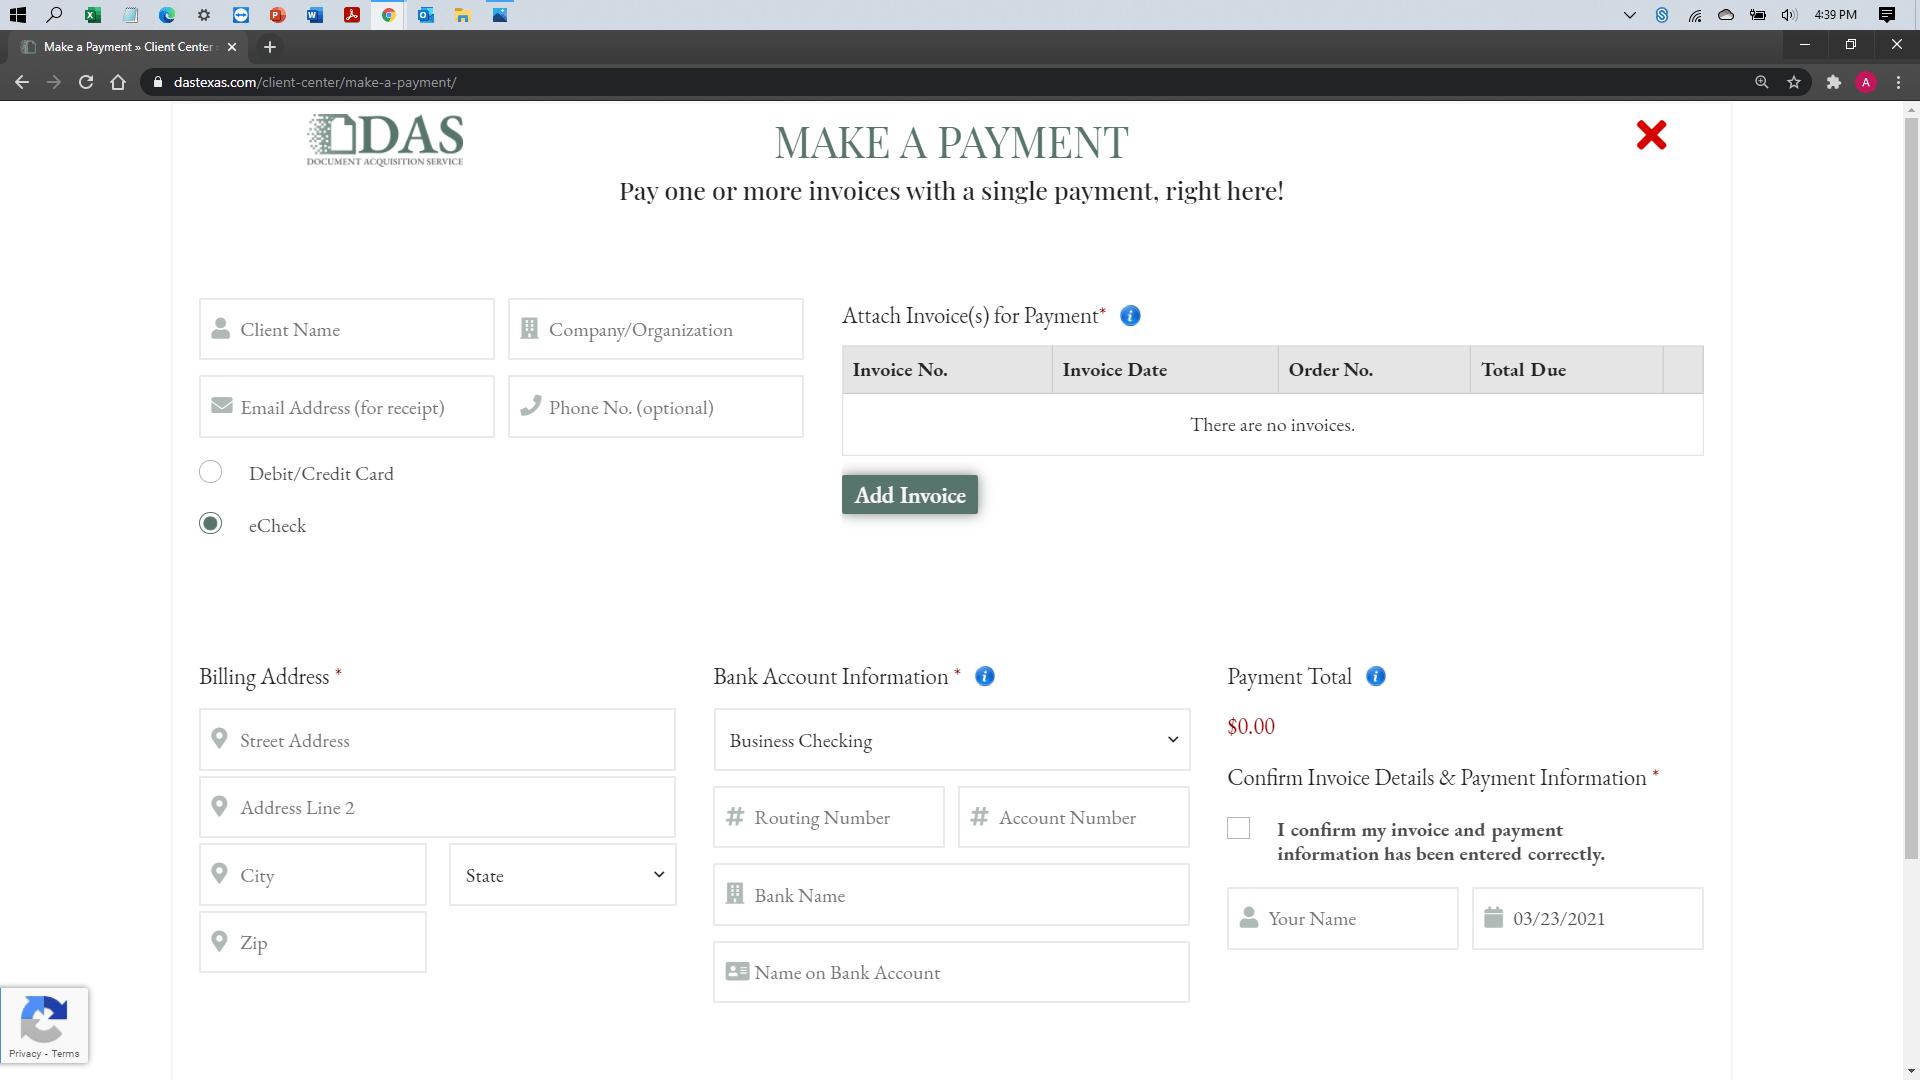 [help docs] Make a Payment - eCheck -Blank